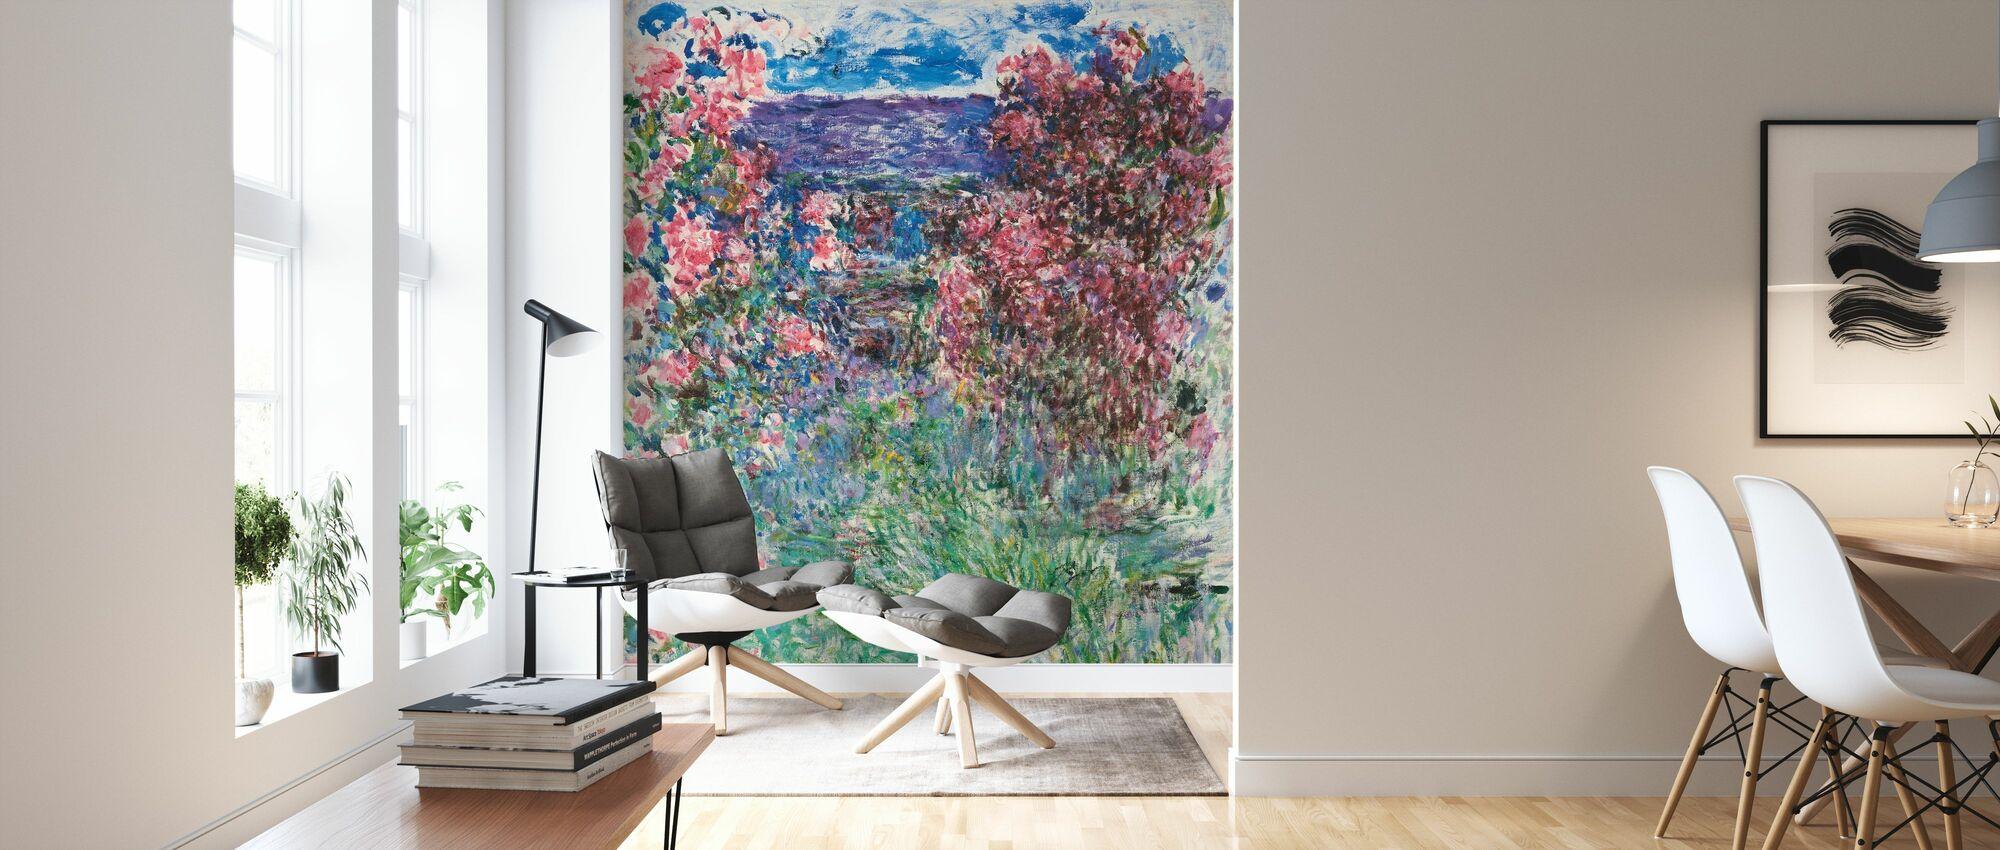 Maison parmi les roses - Claude Monet - Papier peint - Salle à manger